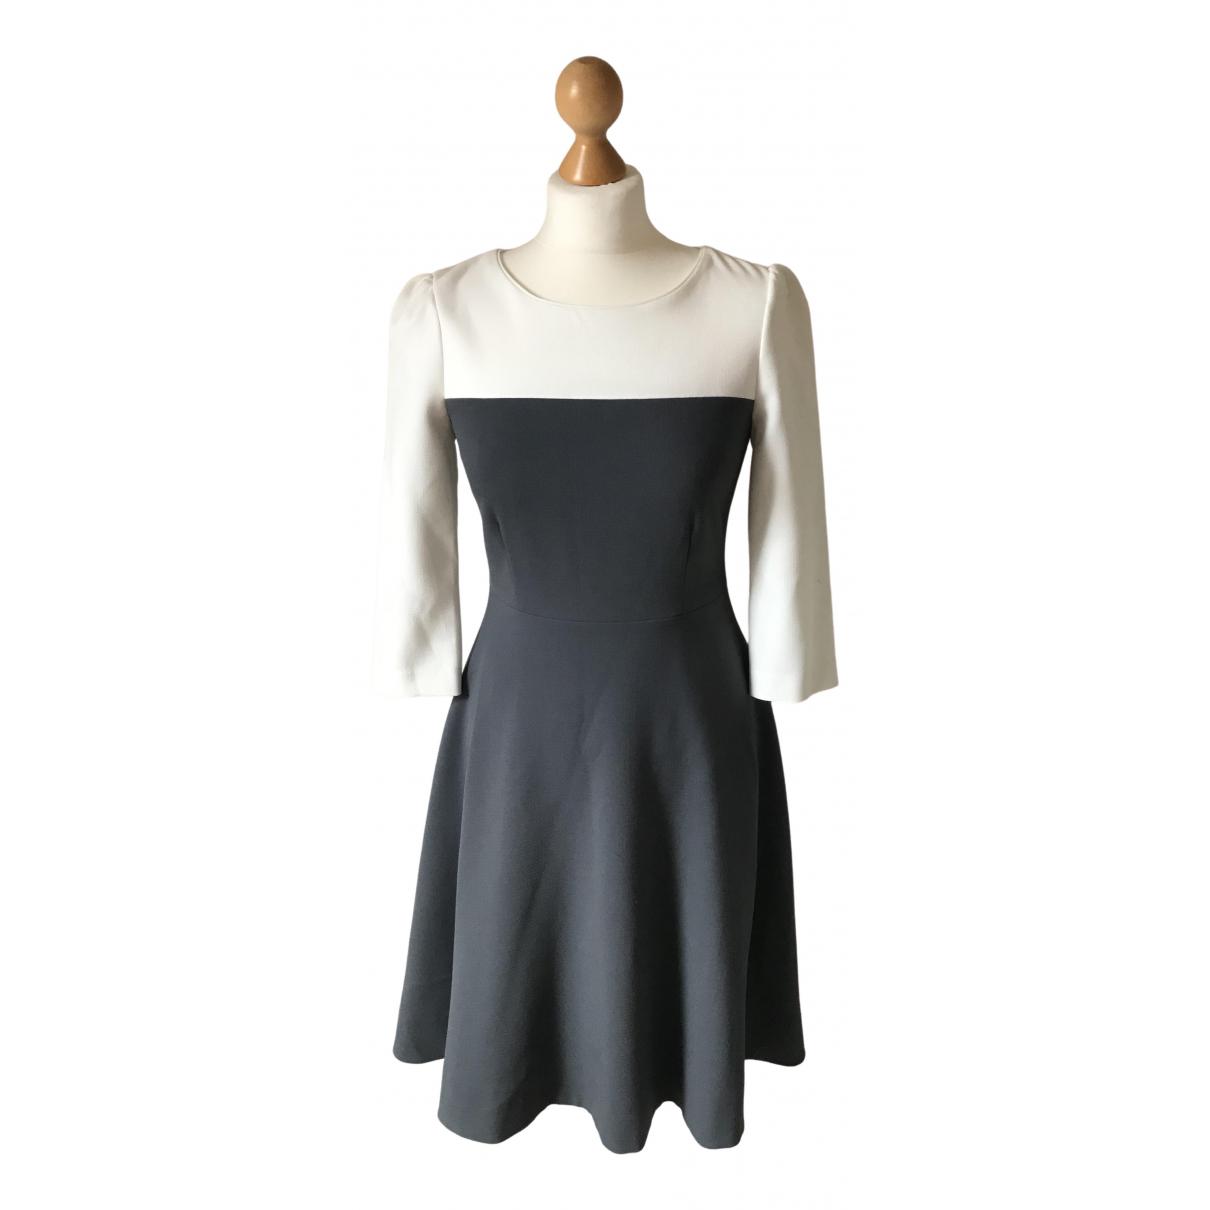 Kate Spade \N Kleid in  Grau Polyester